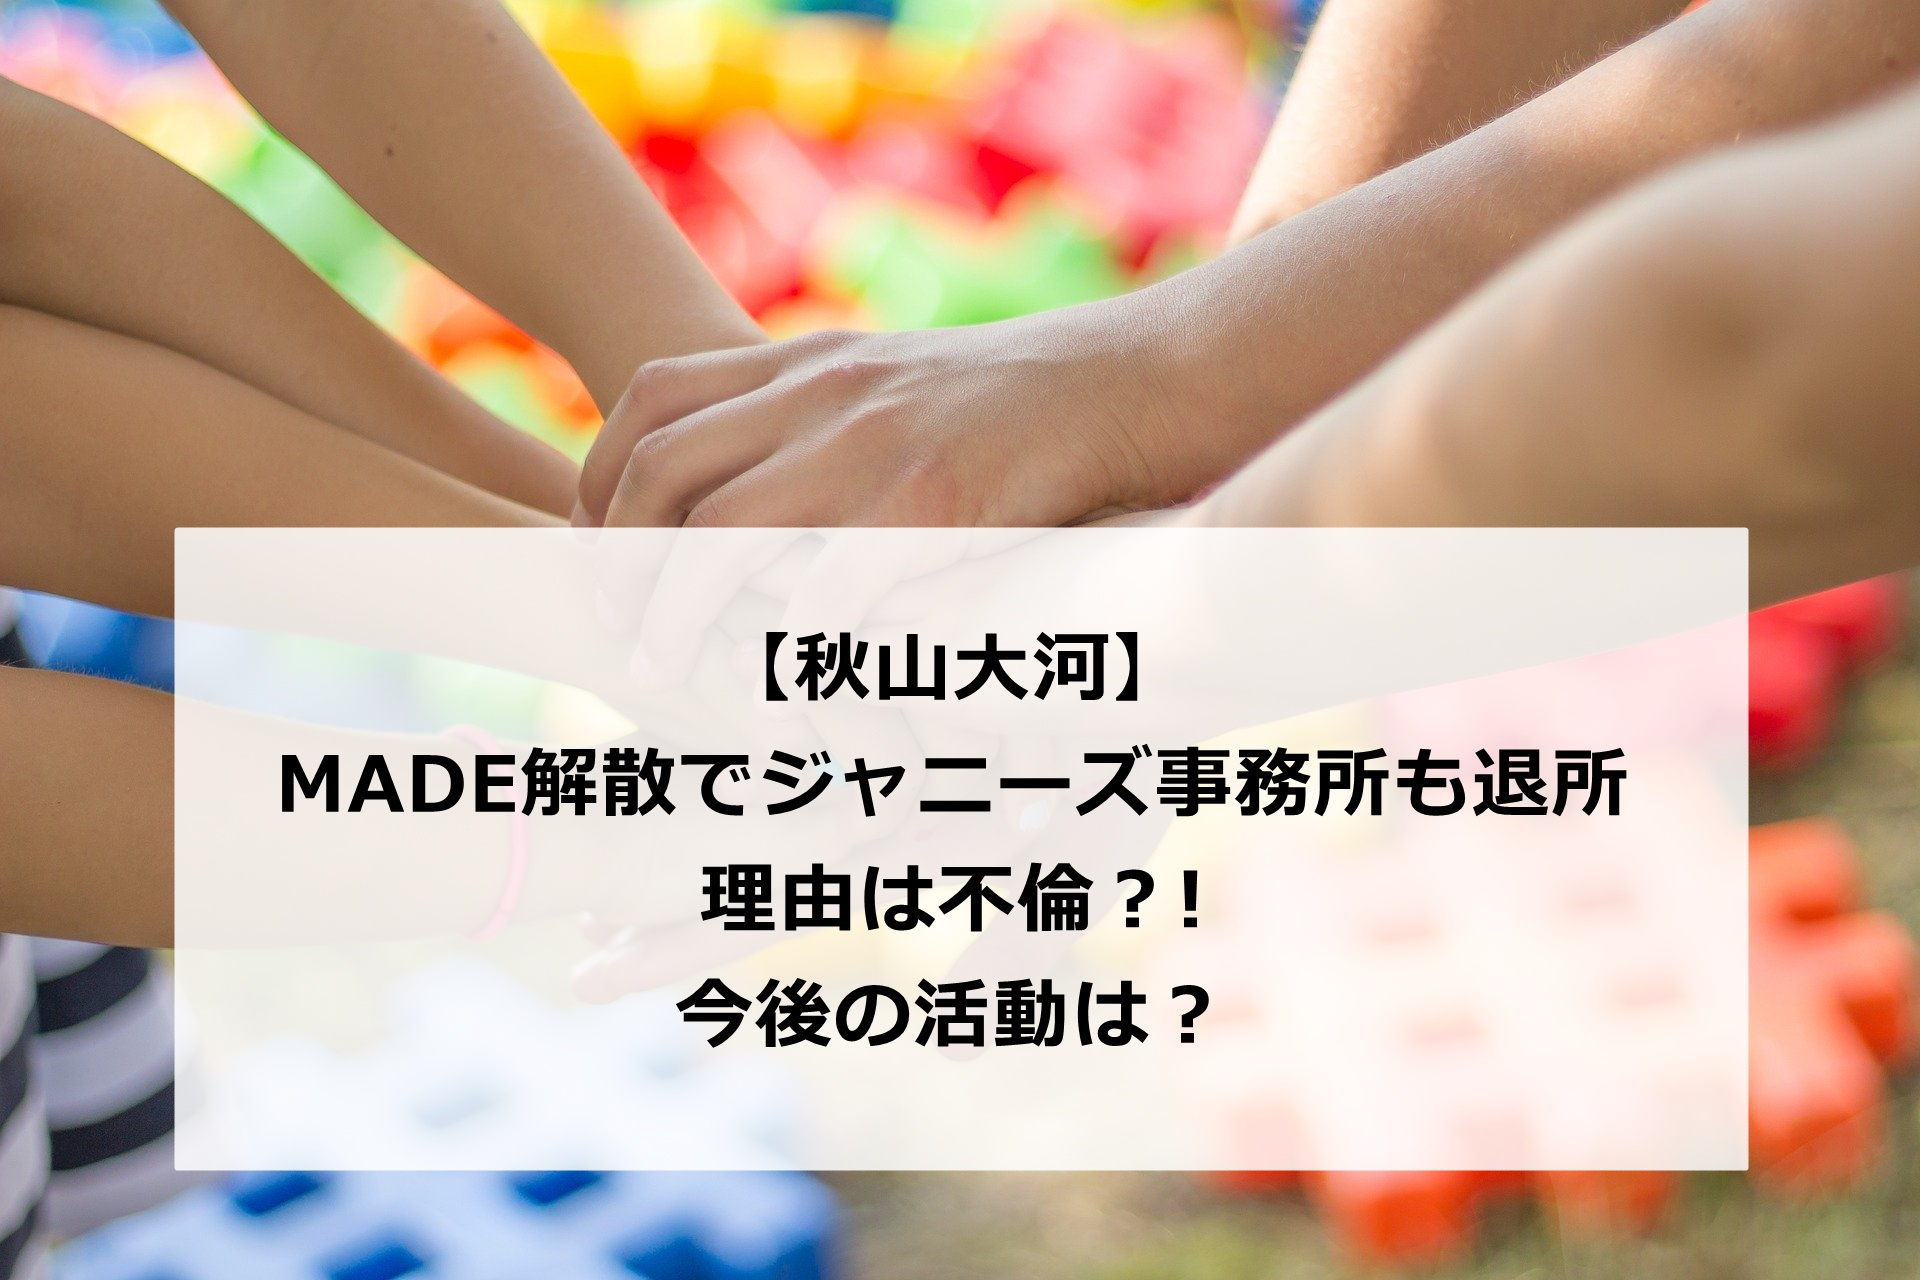 【ジャニーズJr.MADE解散】秋山大河は事務所を退所!理由は不倫⁈今後の活動は?